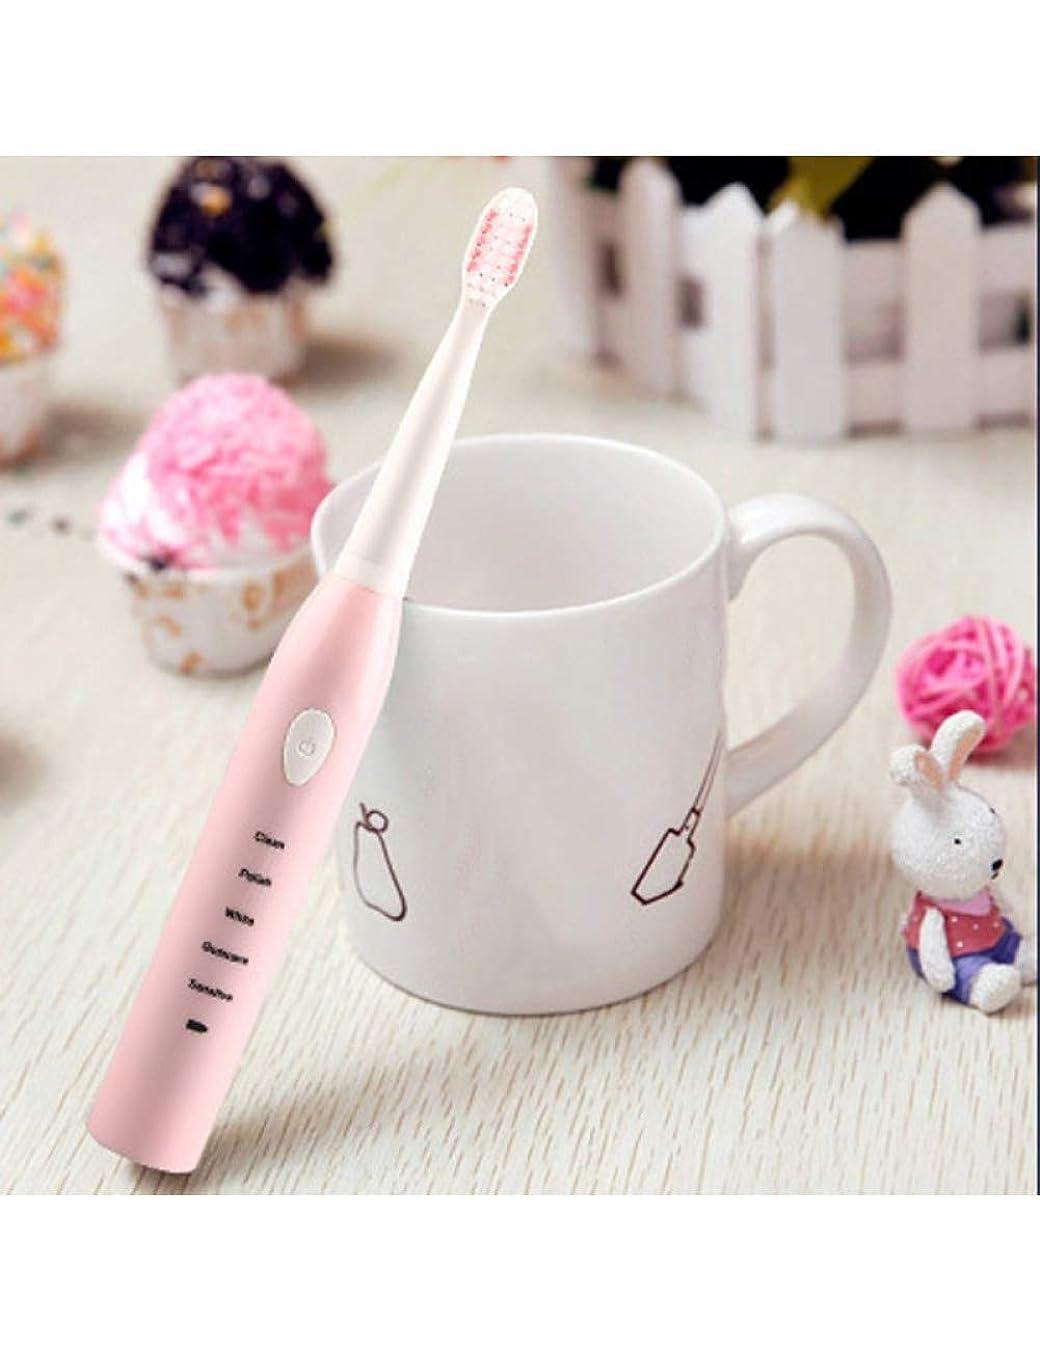 モディッシュ上げるウェイター柔らかい大人歯ブラシ音波電動歯ブラシ女性男性オーラルケアホワイトニング4ピースヘッド歯ブラシ防水、ピンク